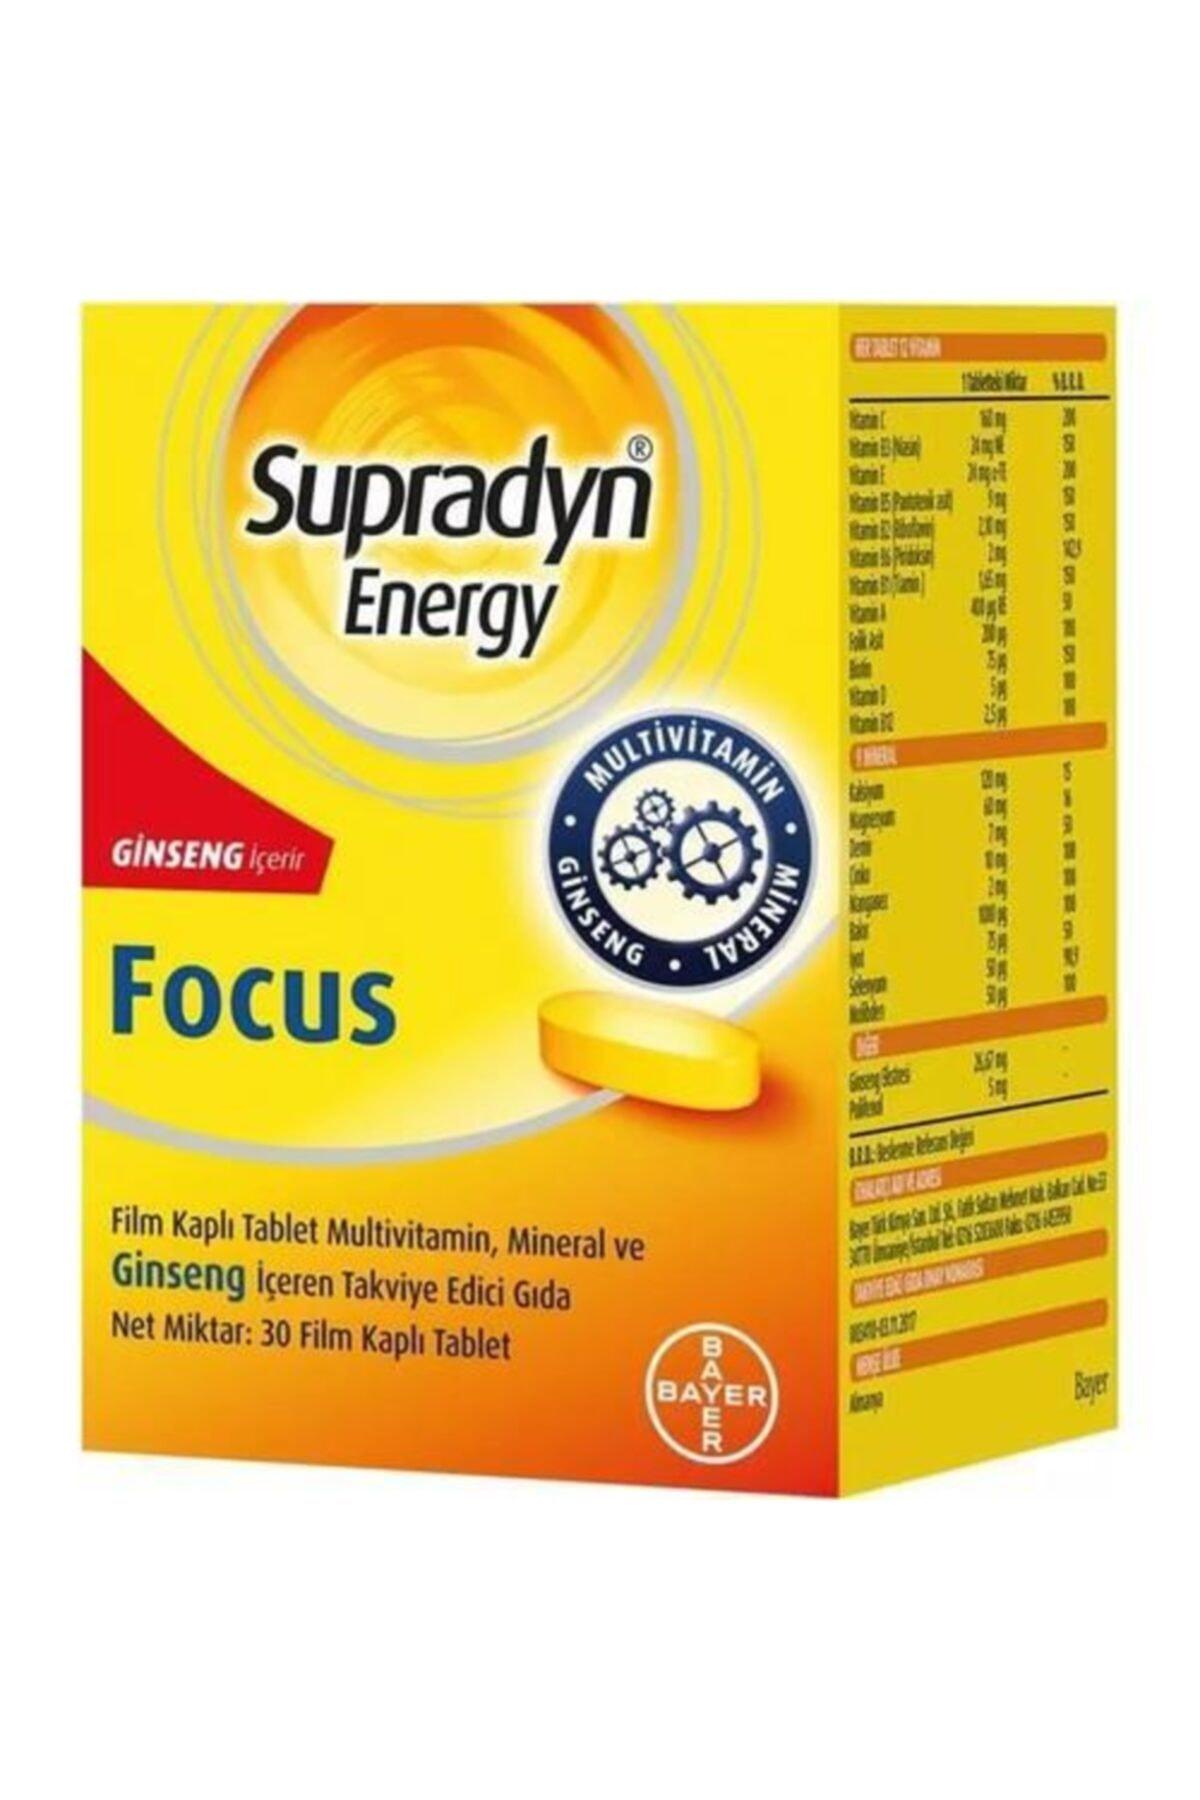 Supradyn Energy Focus 30 Tablet 1